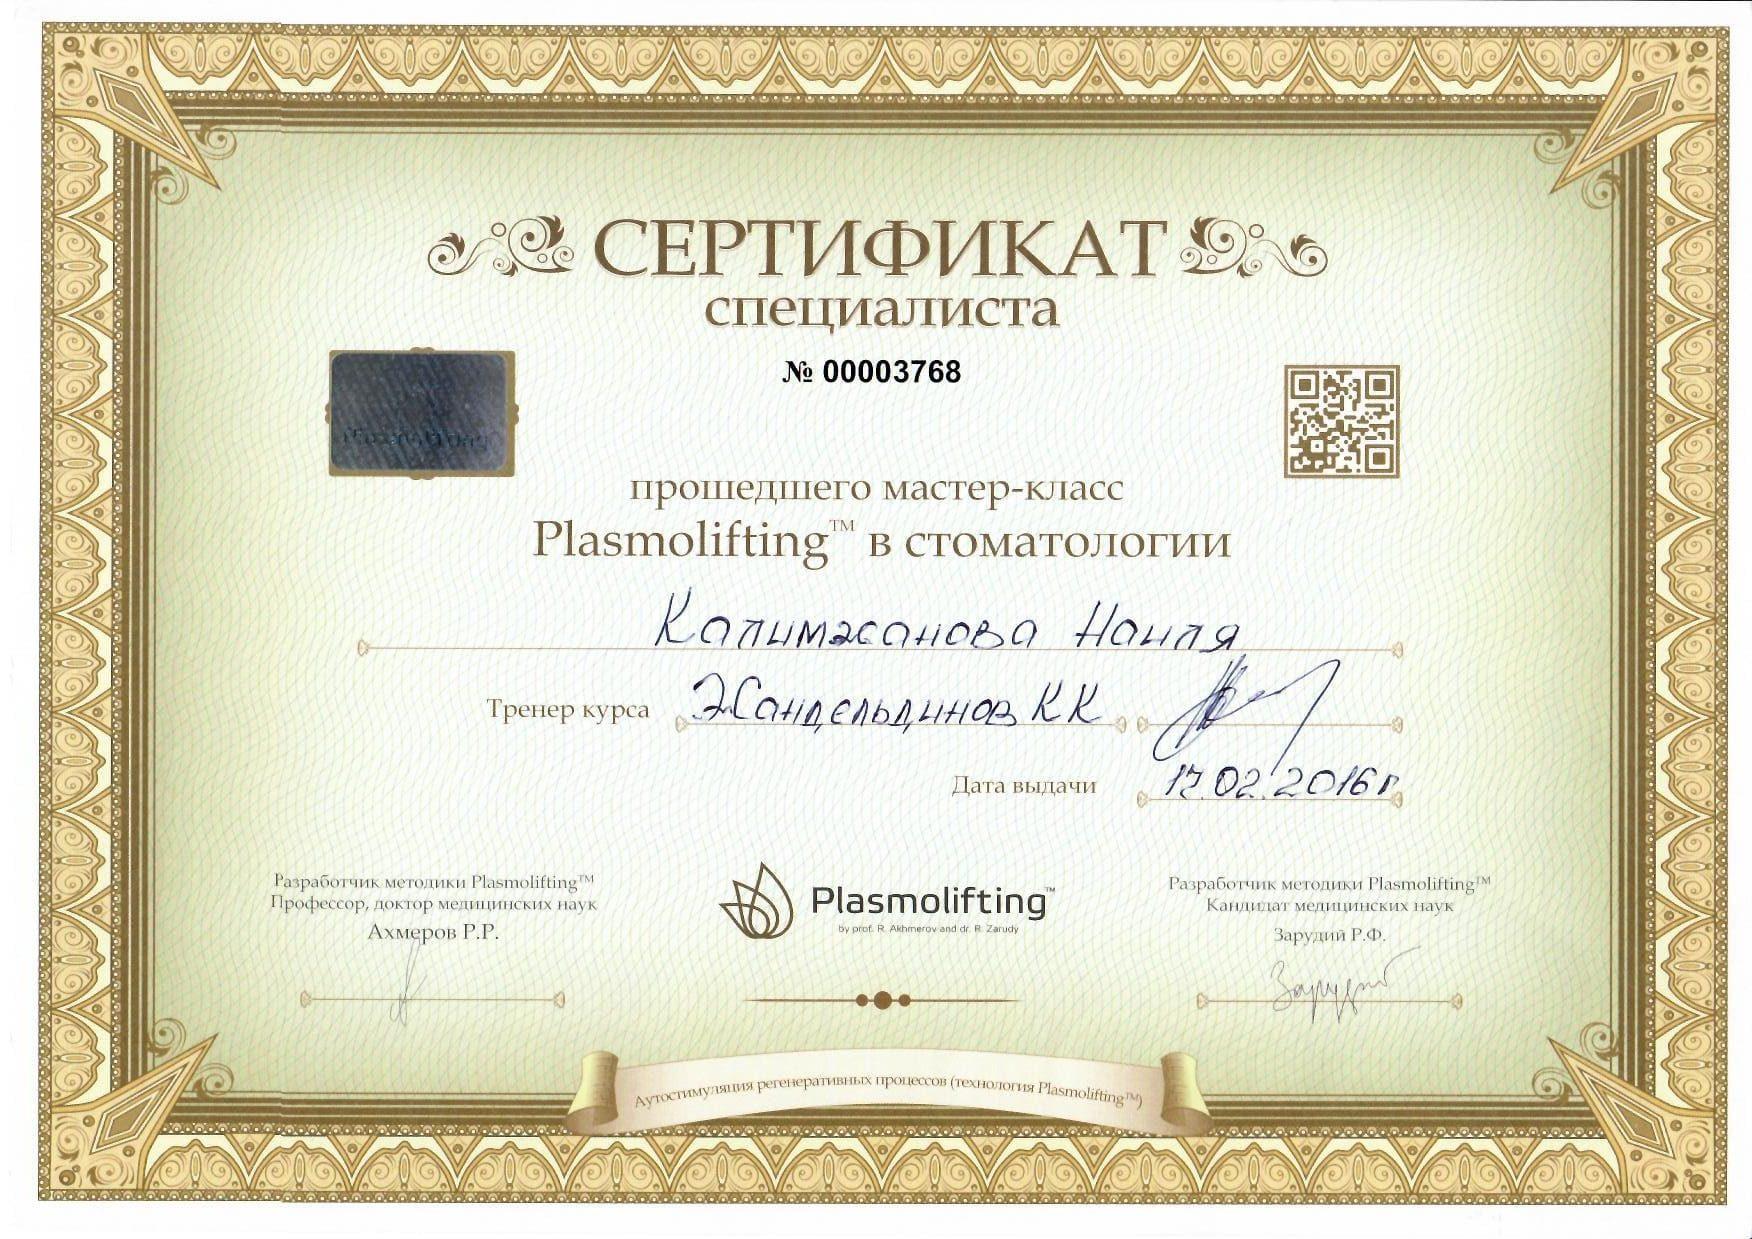 sertifikat-stomatologa-20